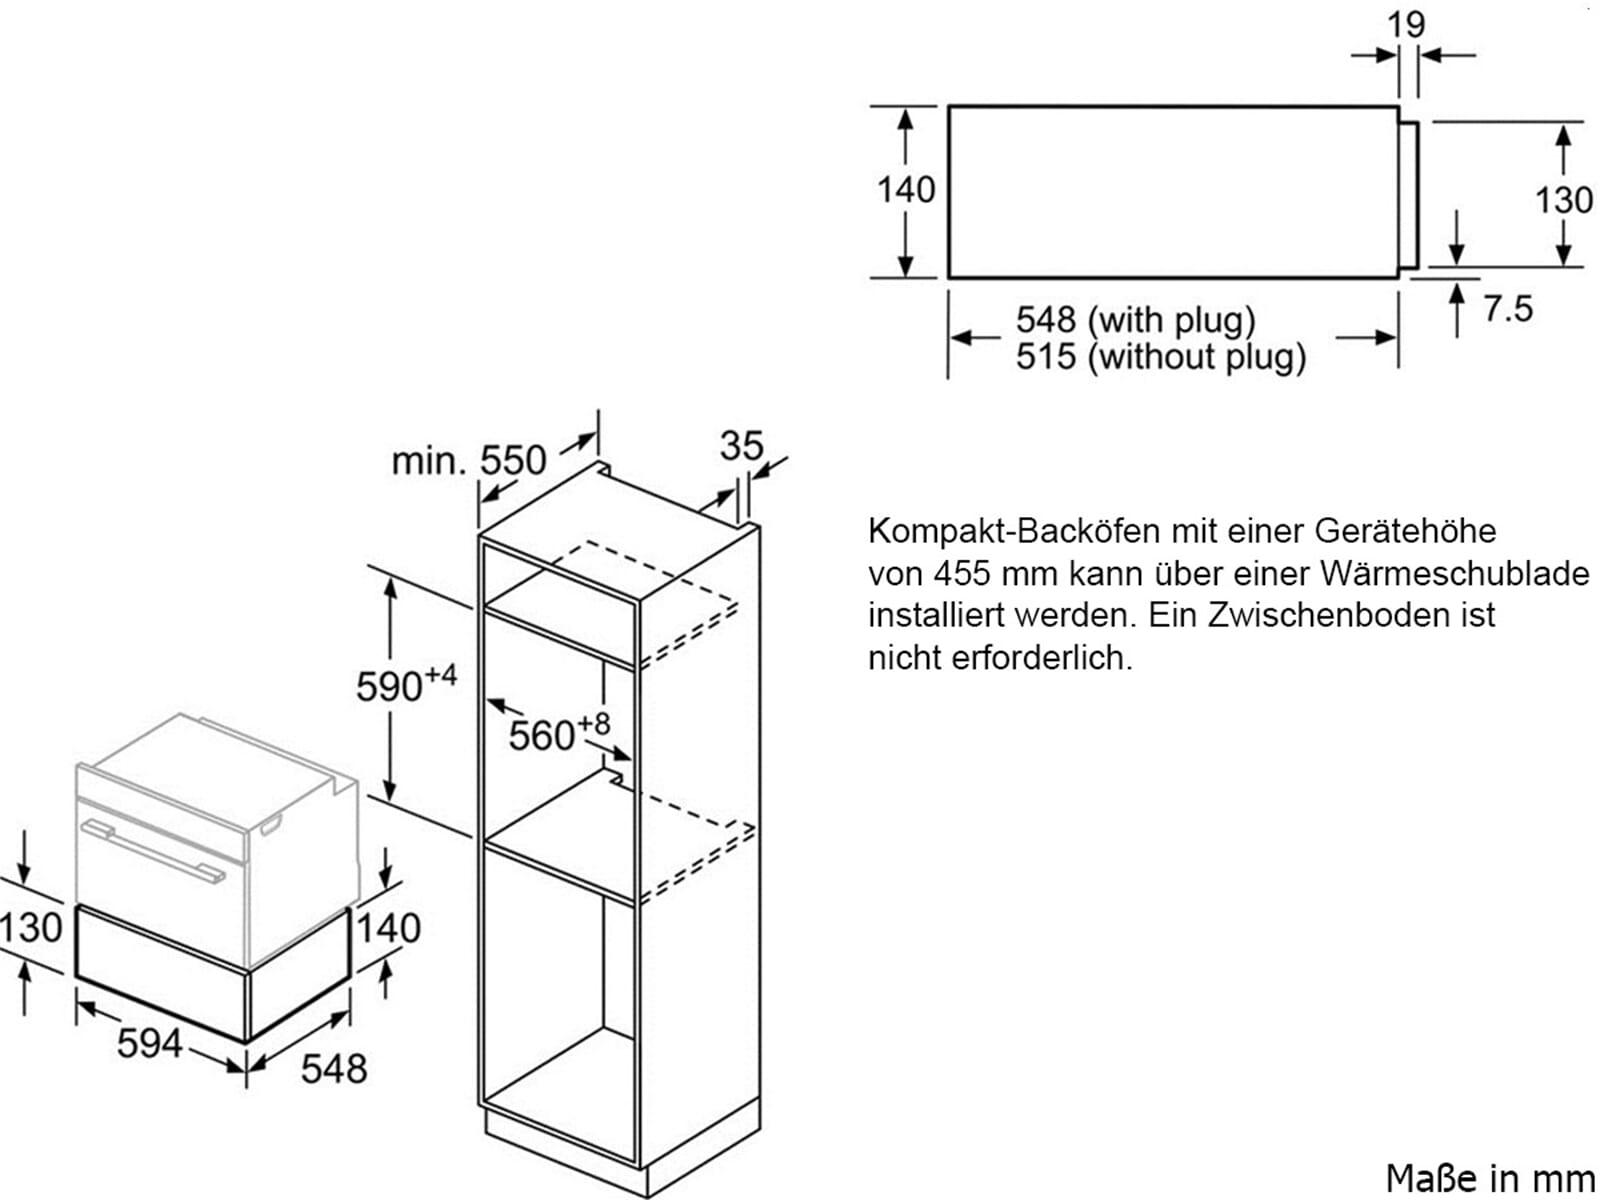 Bosch BIC630NW1 Wärmeschublade Polar weiß